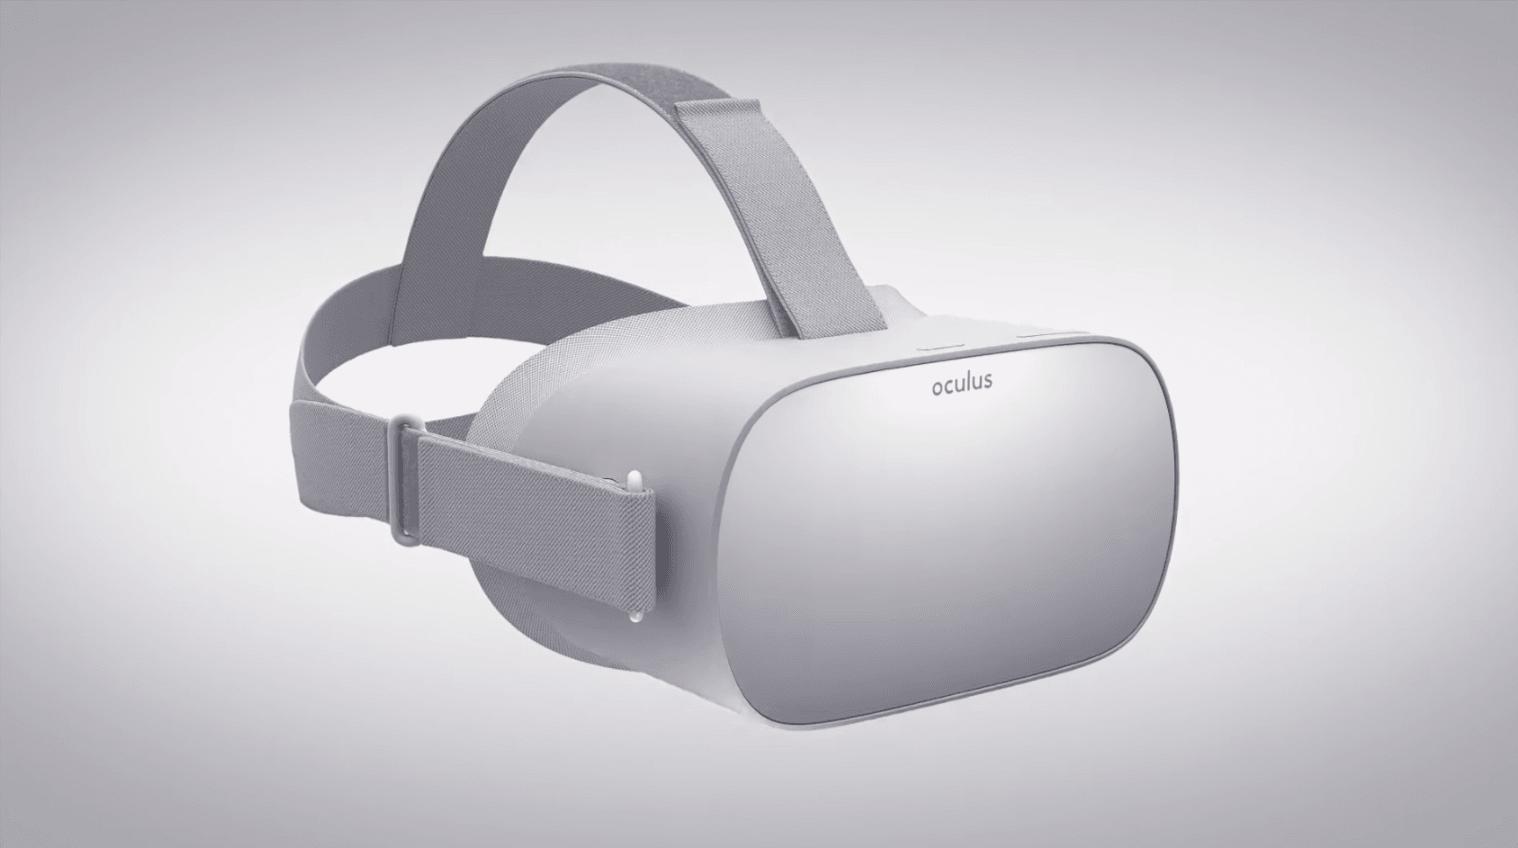 Wirtualna rzeczywistość od Facebooka nareszcie bez kabli: Oculus Go zaprezentowany 17